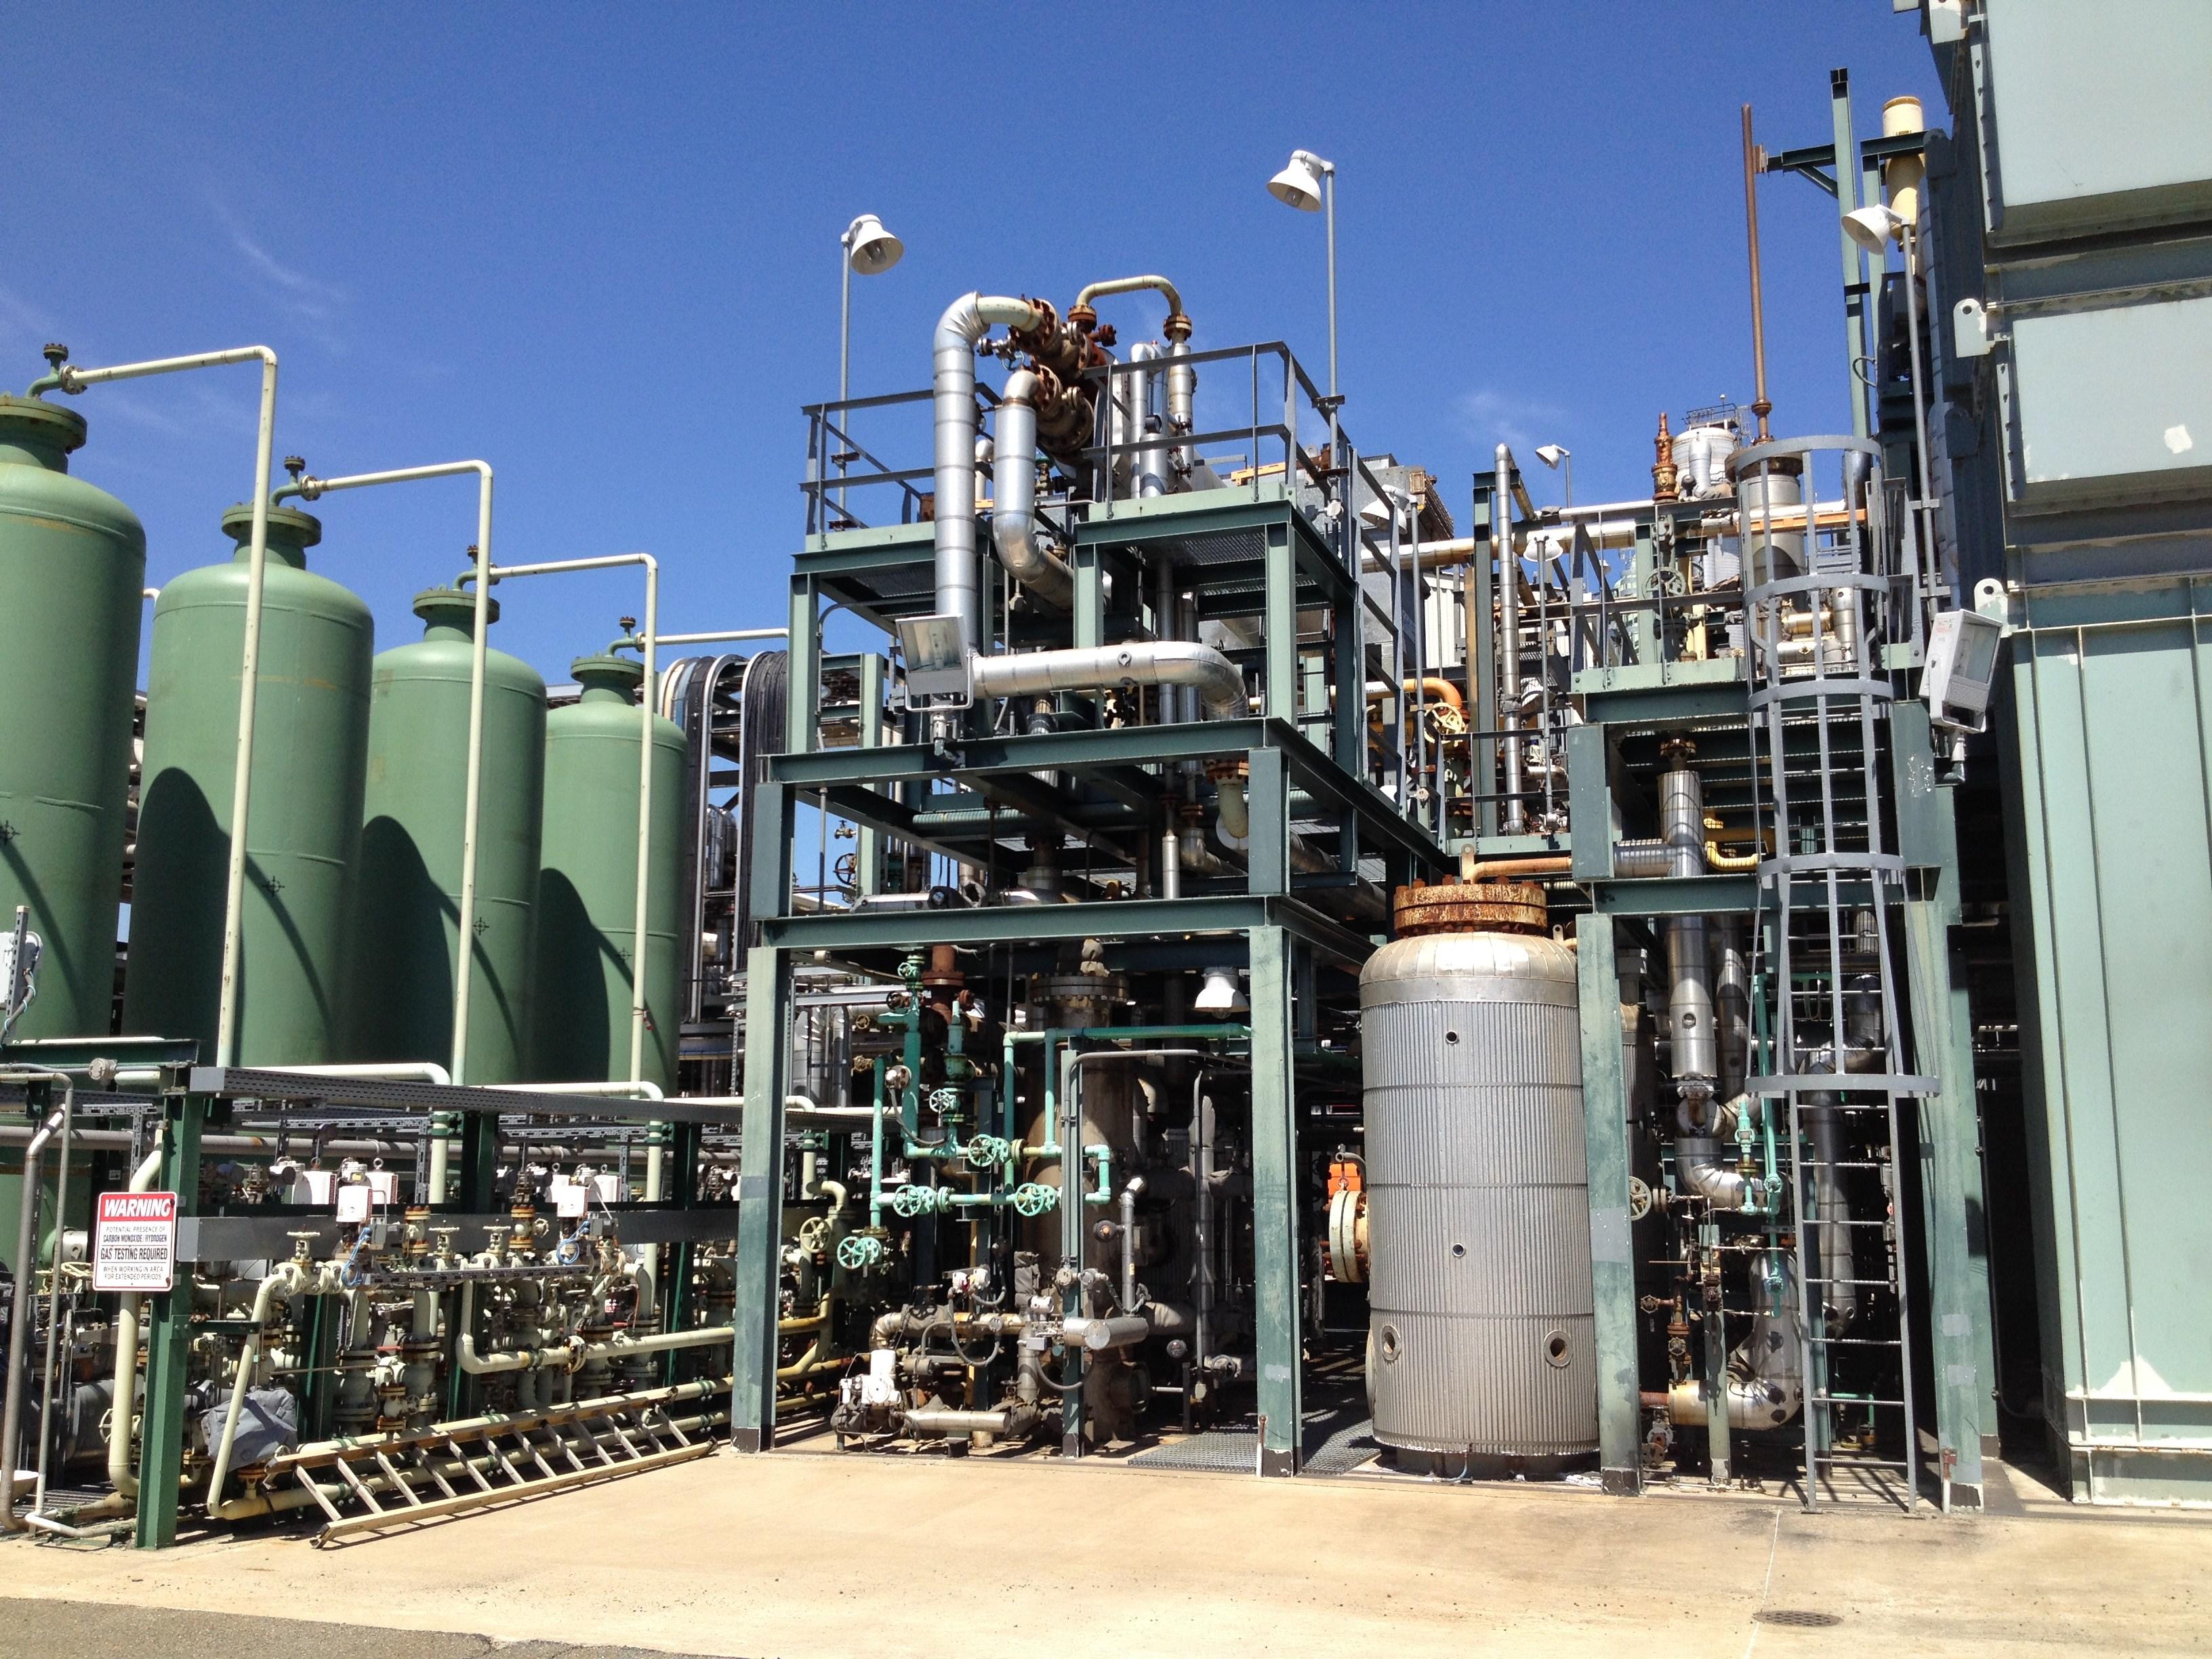 200 000 Scfh Hydrogen Plant For Sale At Phoenix Equipment